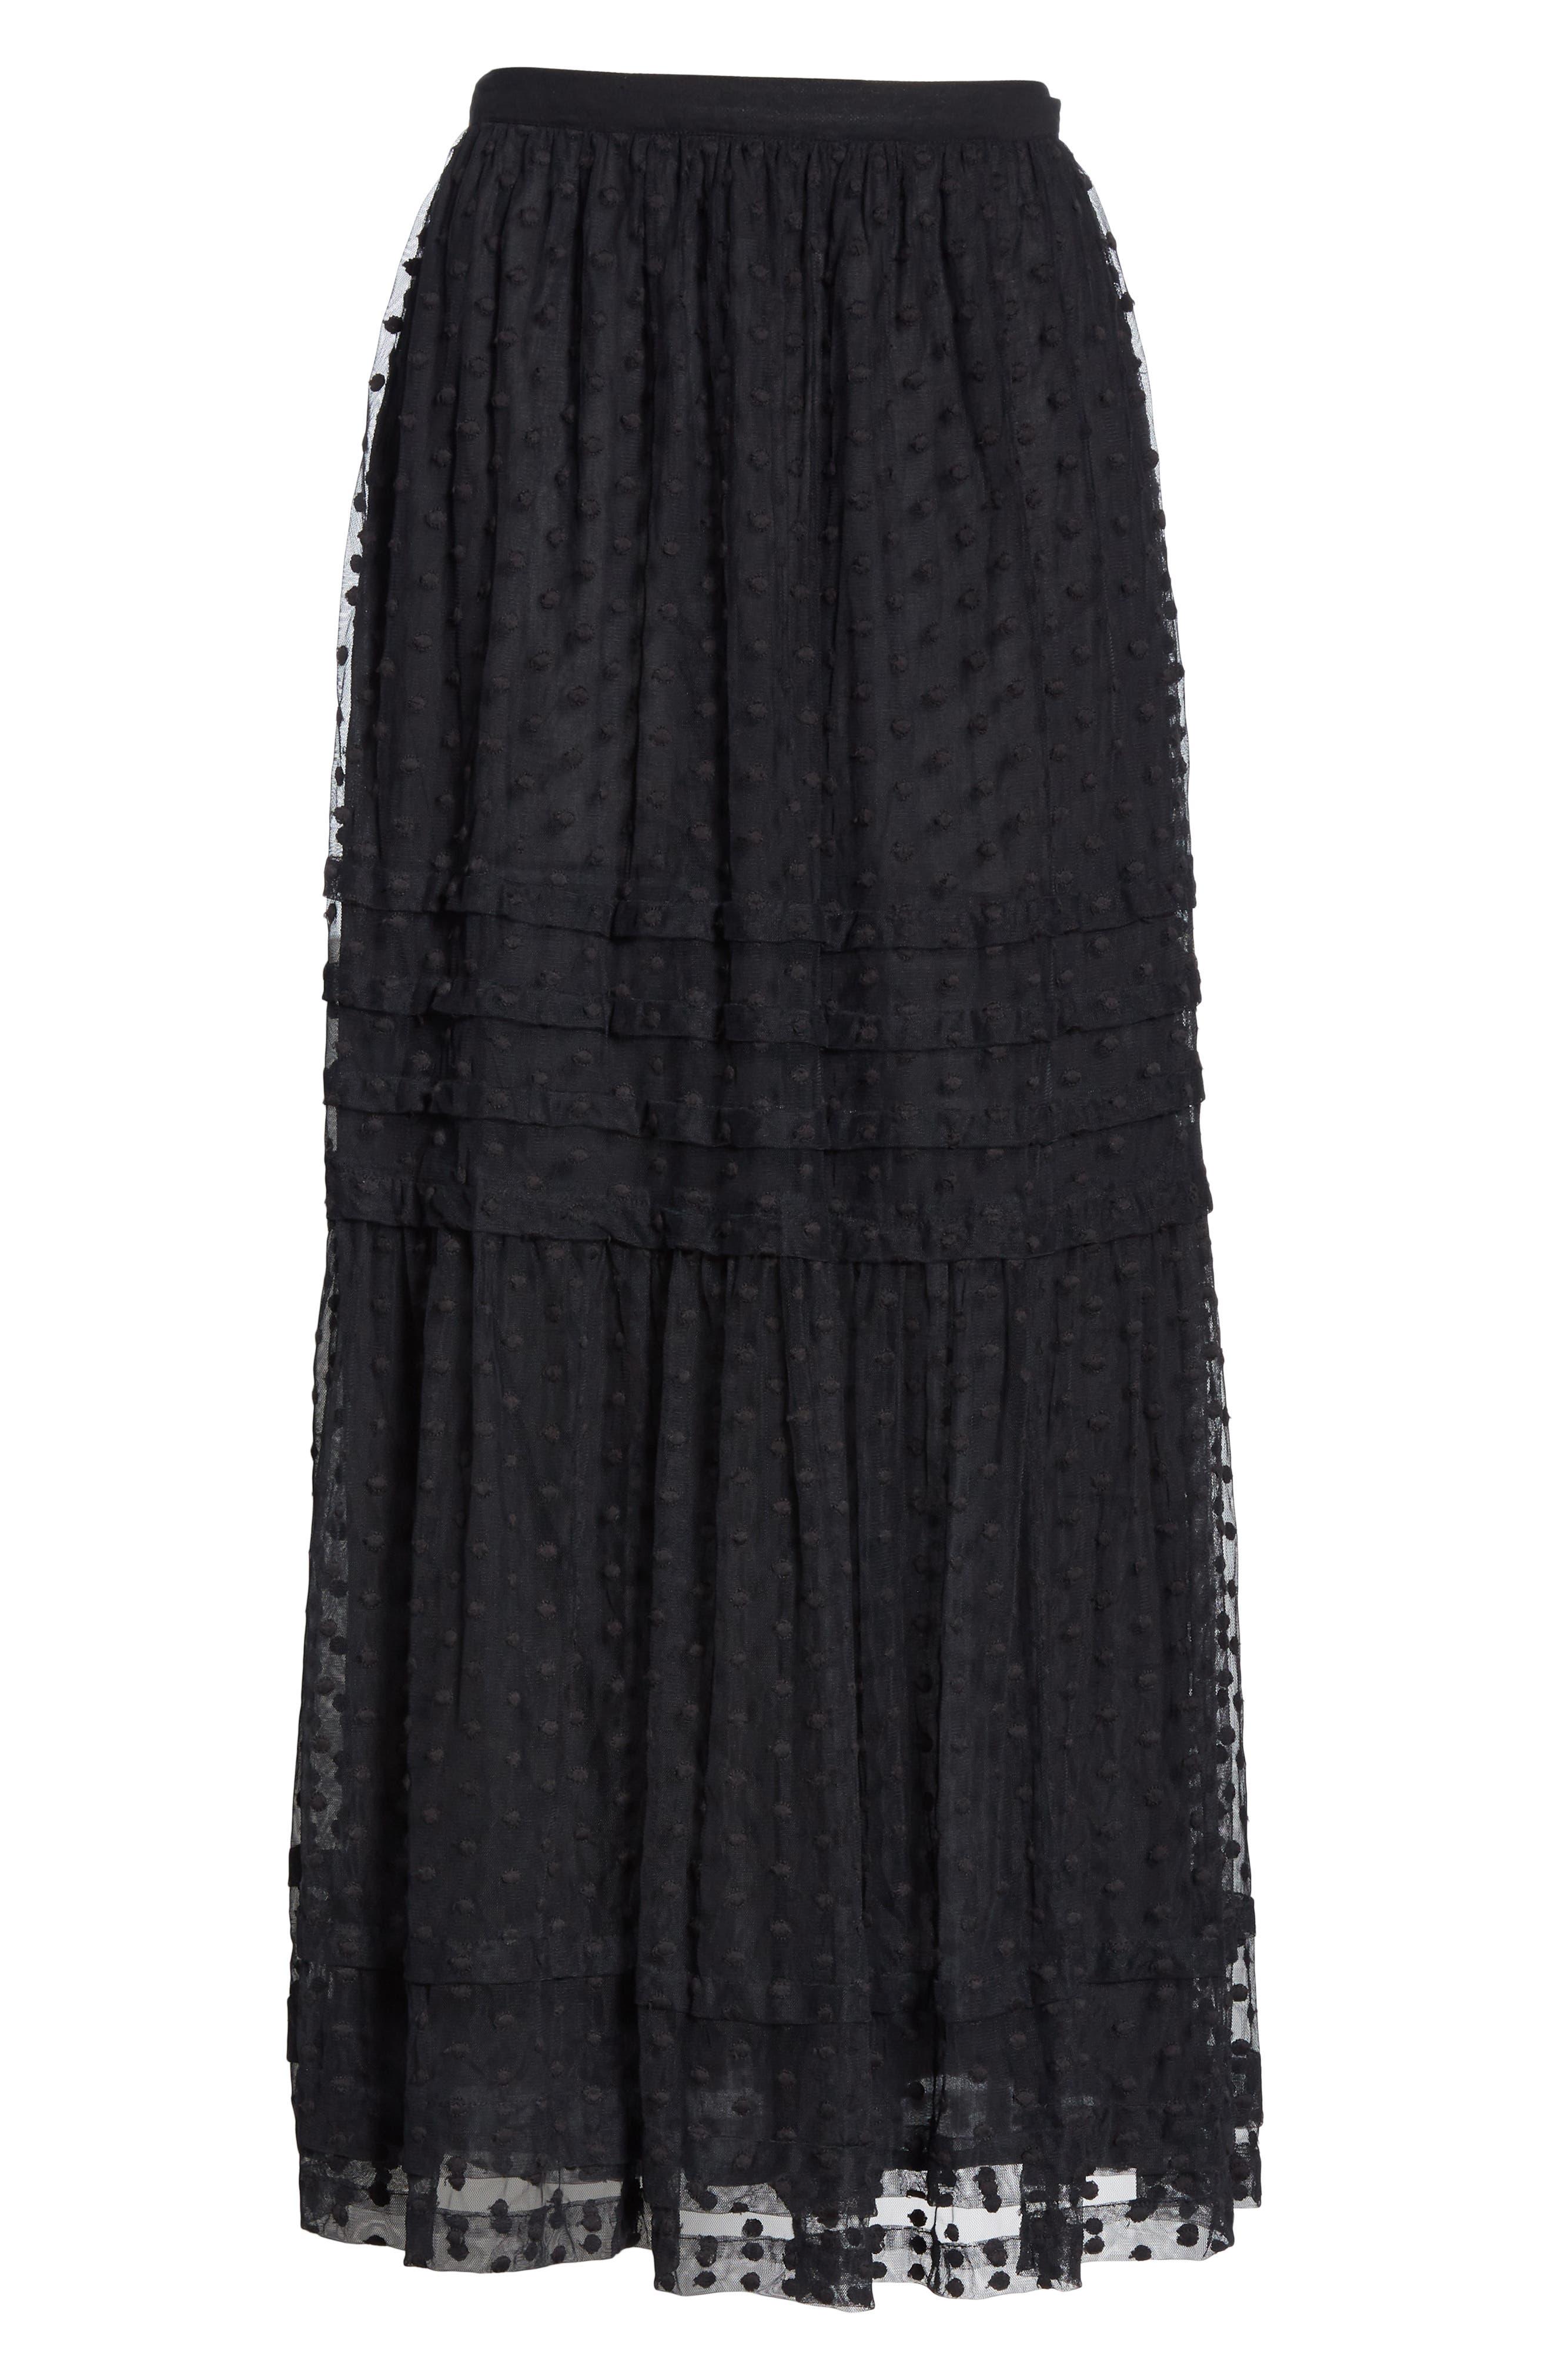 The Sway Polka Dot Mesh Skirt,                             Alternate thumbnail 6, color,                             BLACK